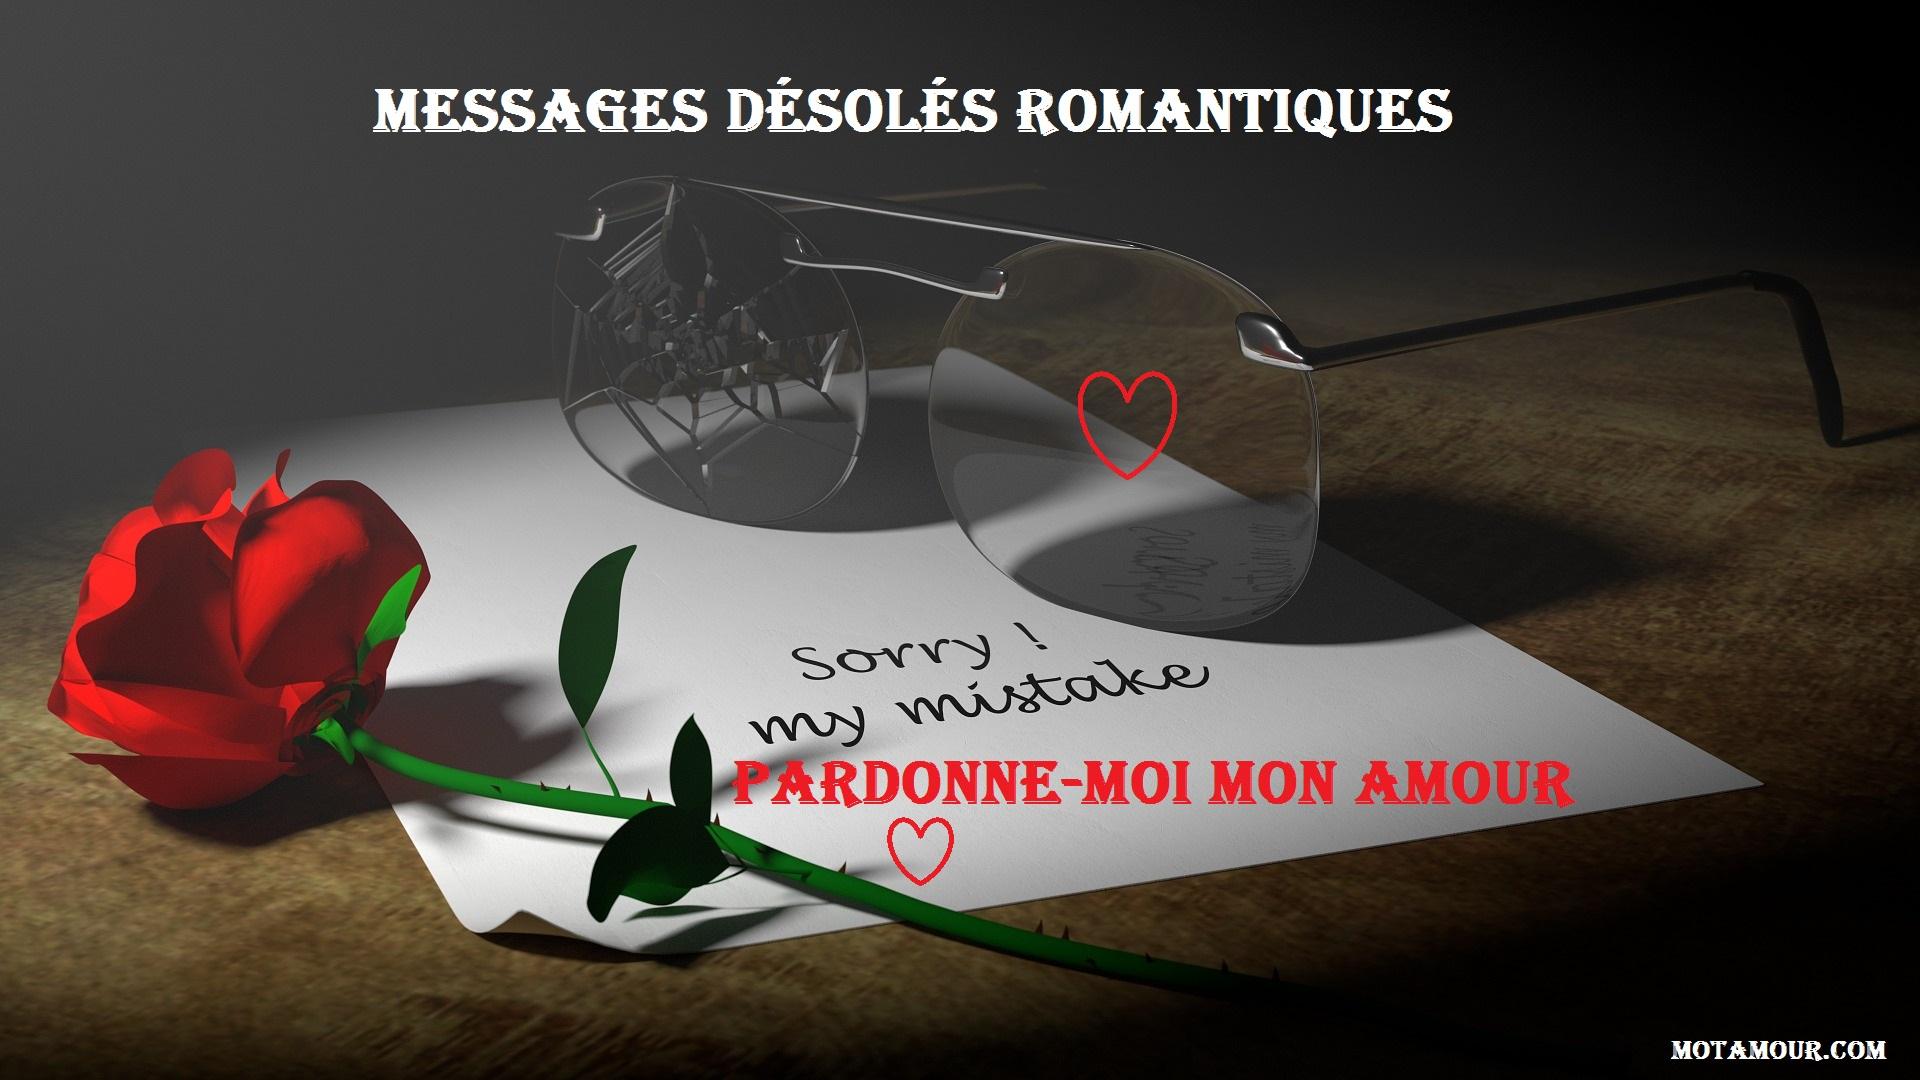 Messages désolés romantiques